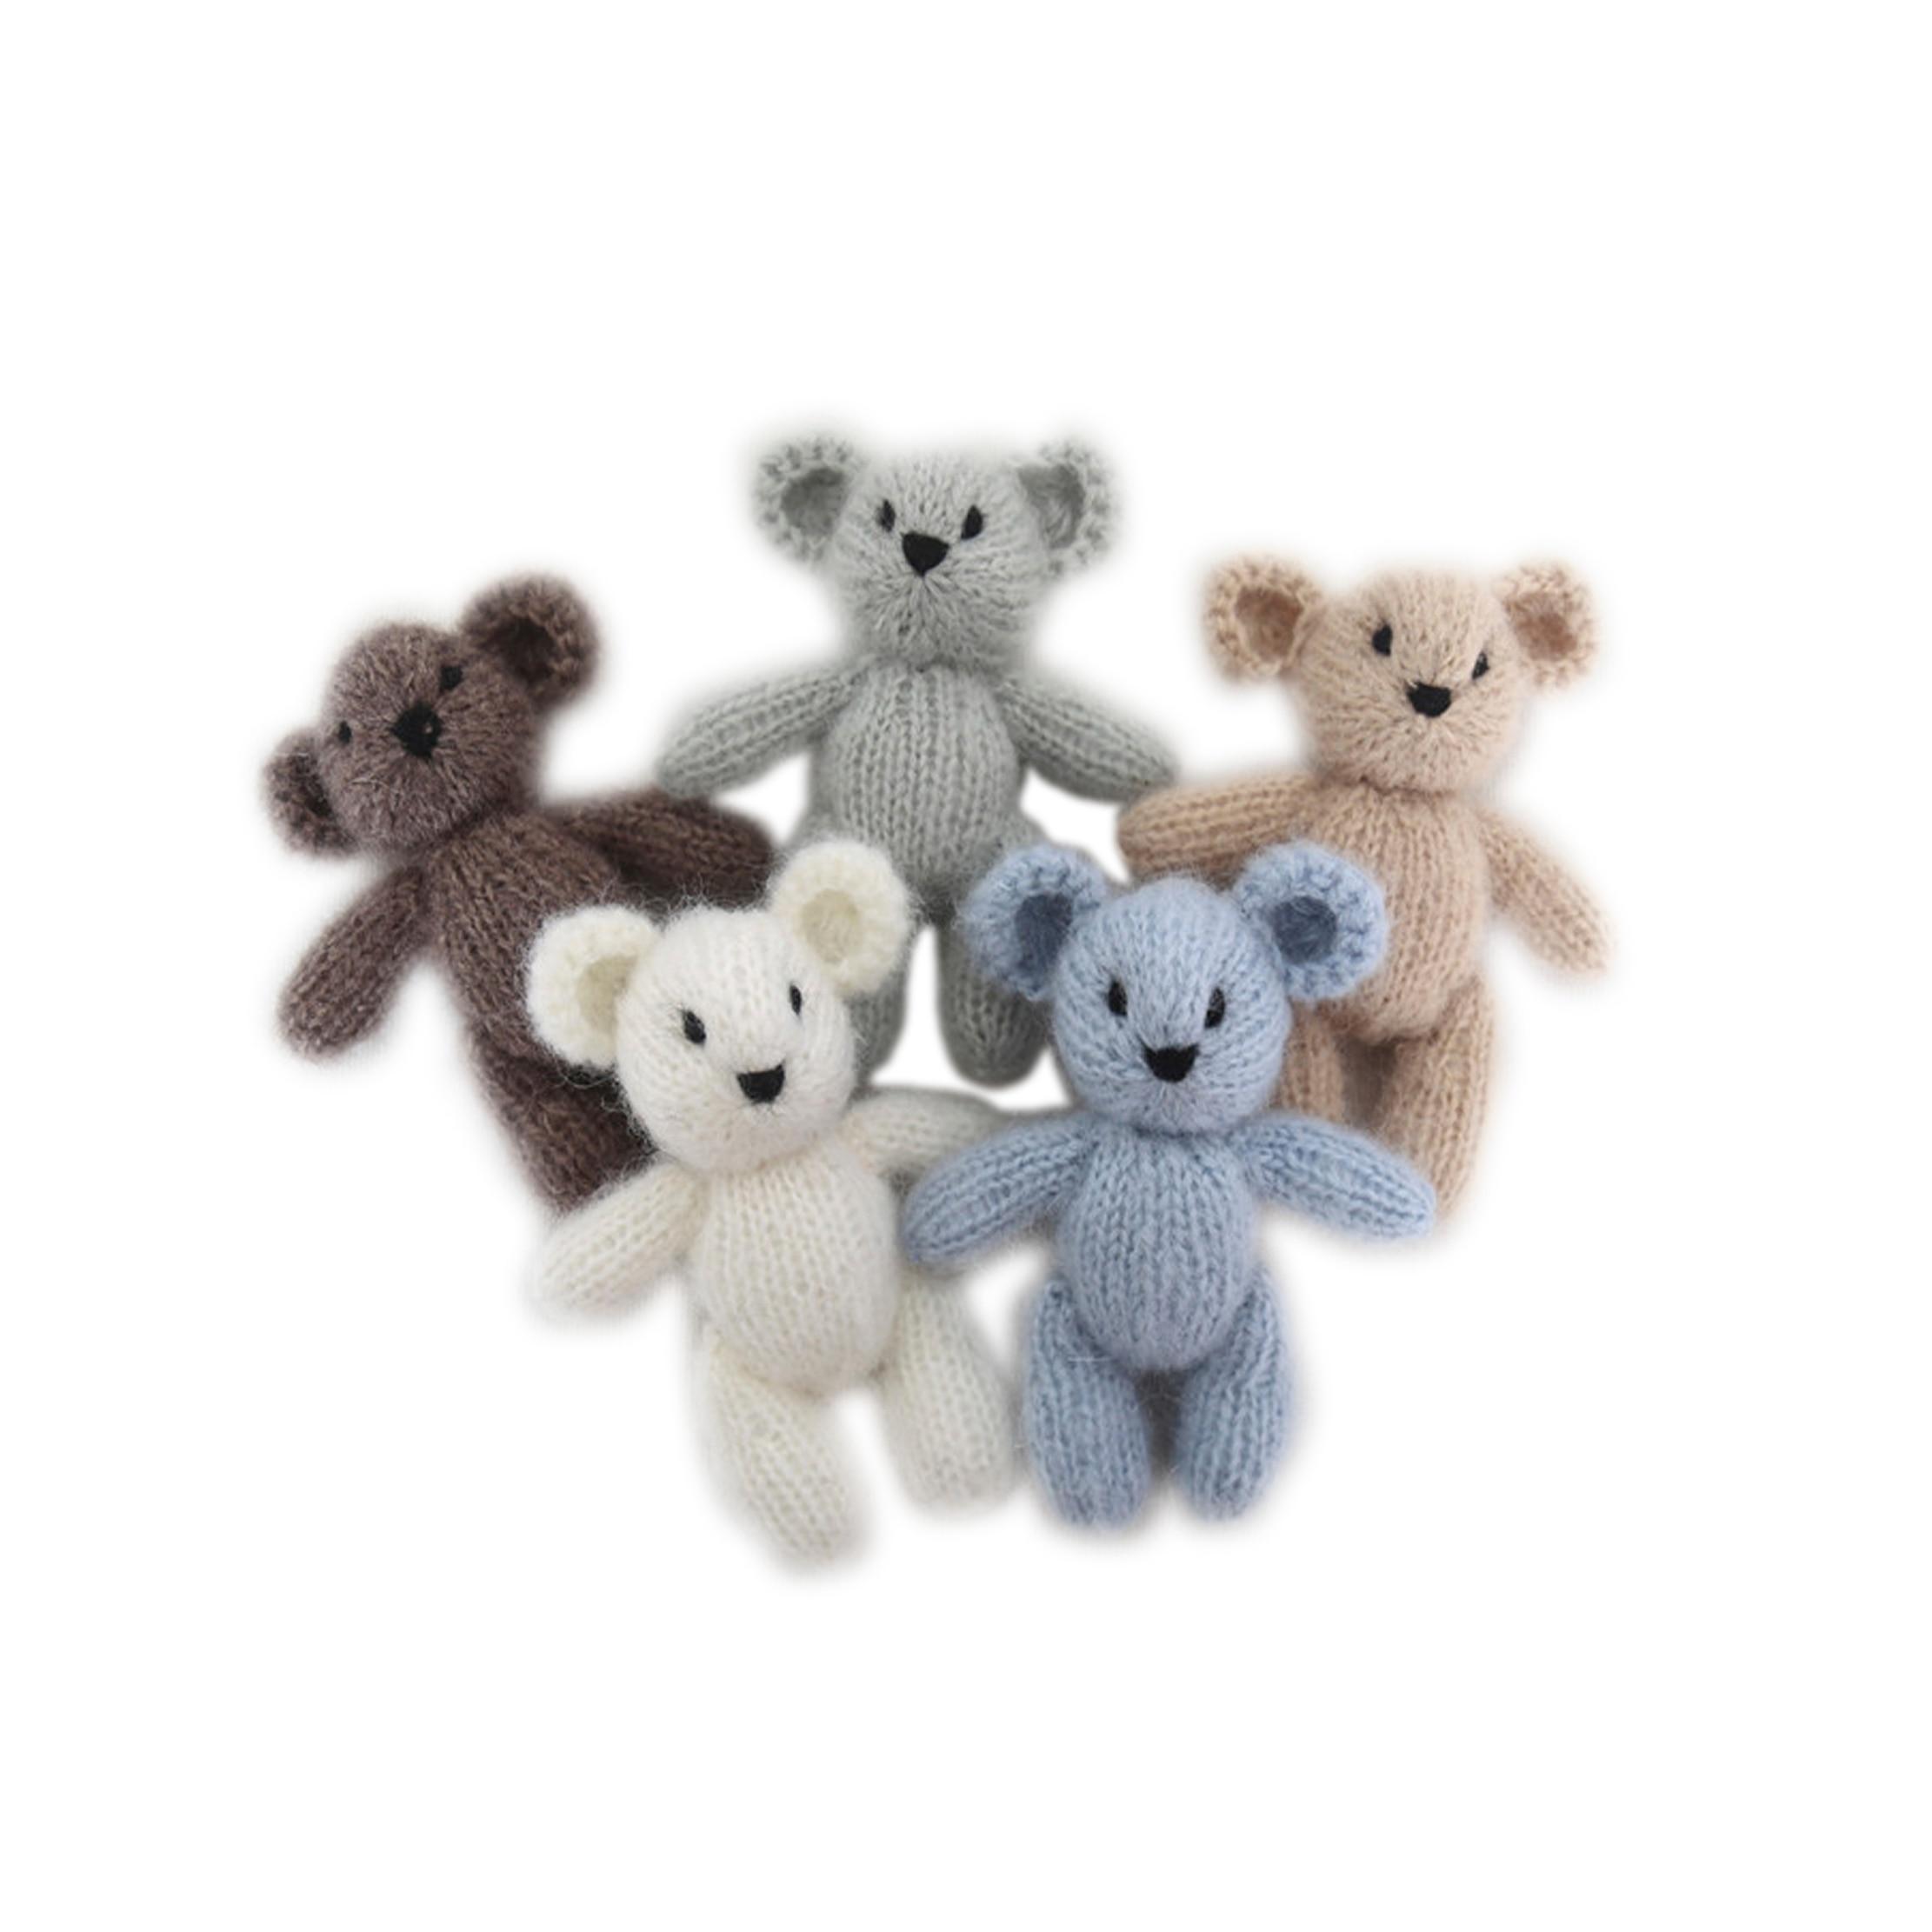 Crochet Bunny Plush Velveteen Amigurumi Rabbit Bunny | Etsy | 2222x2222